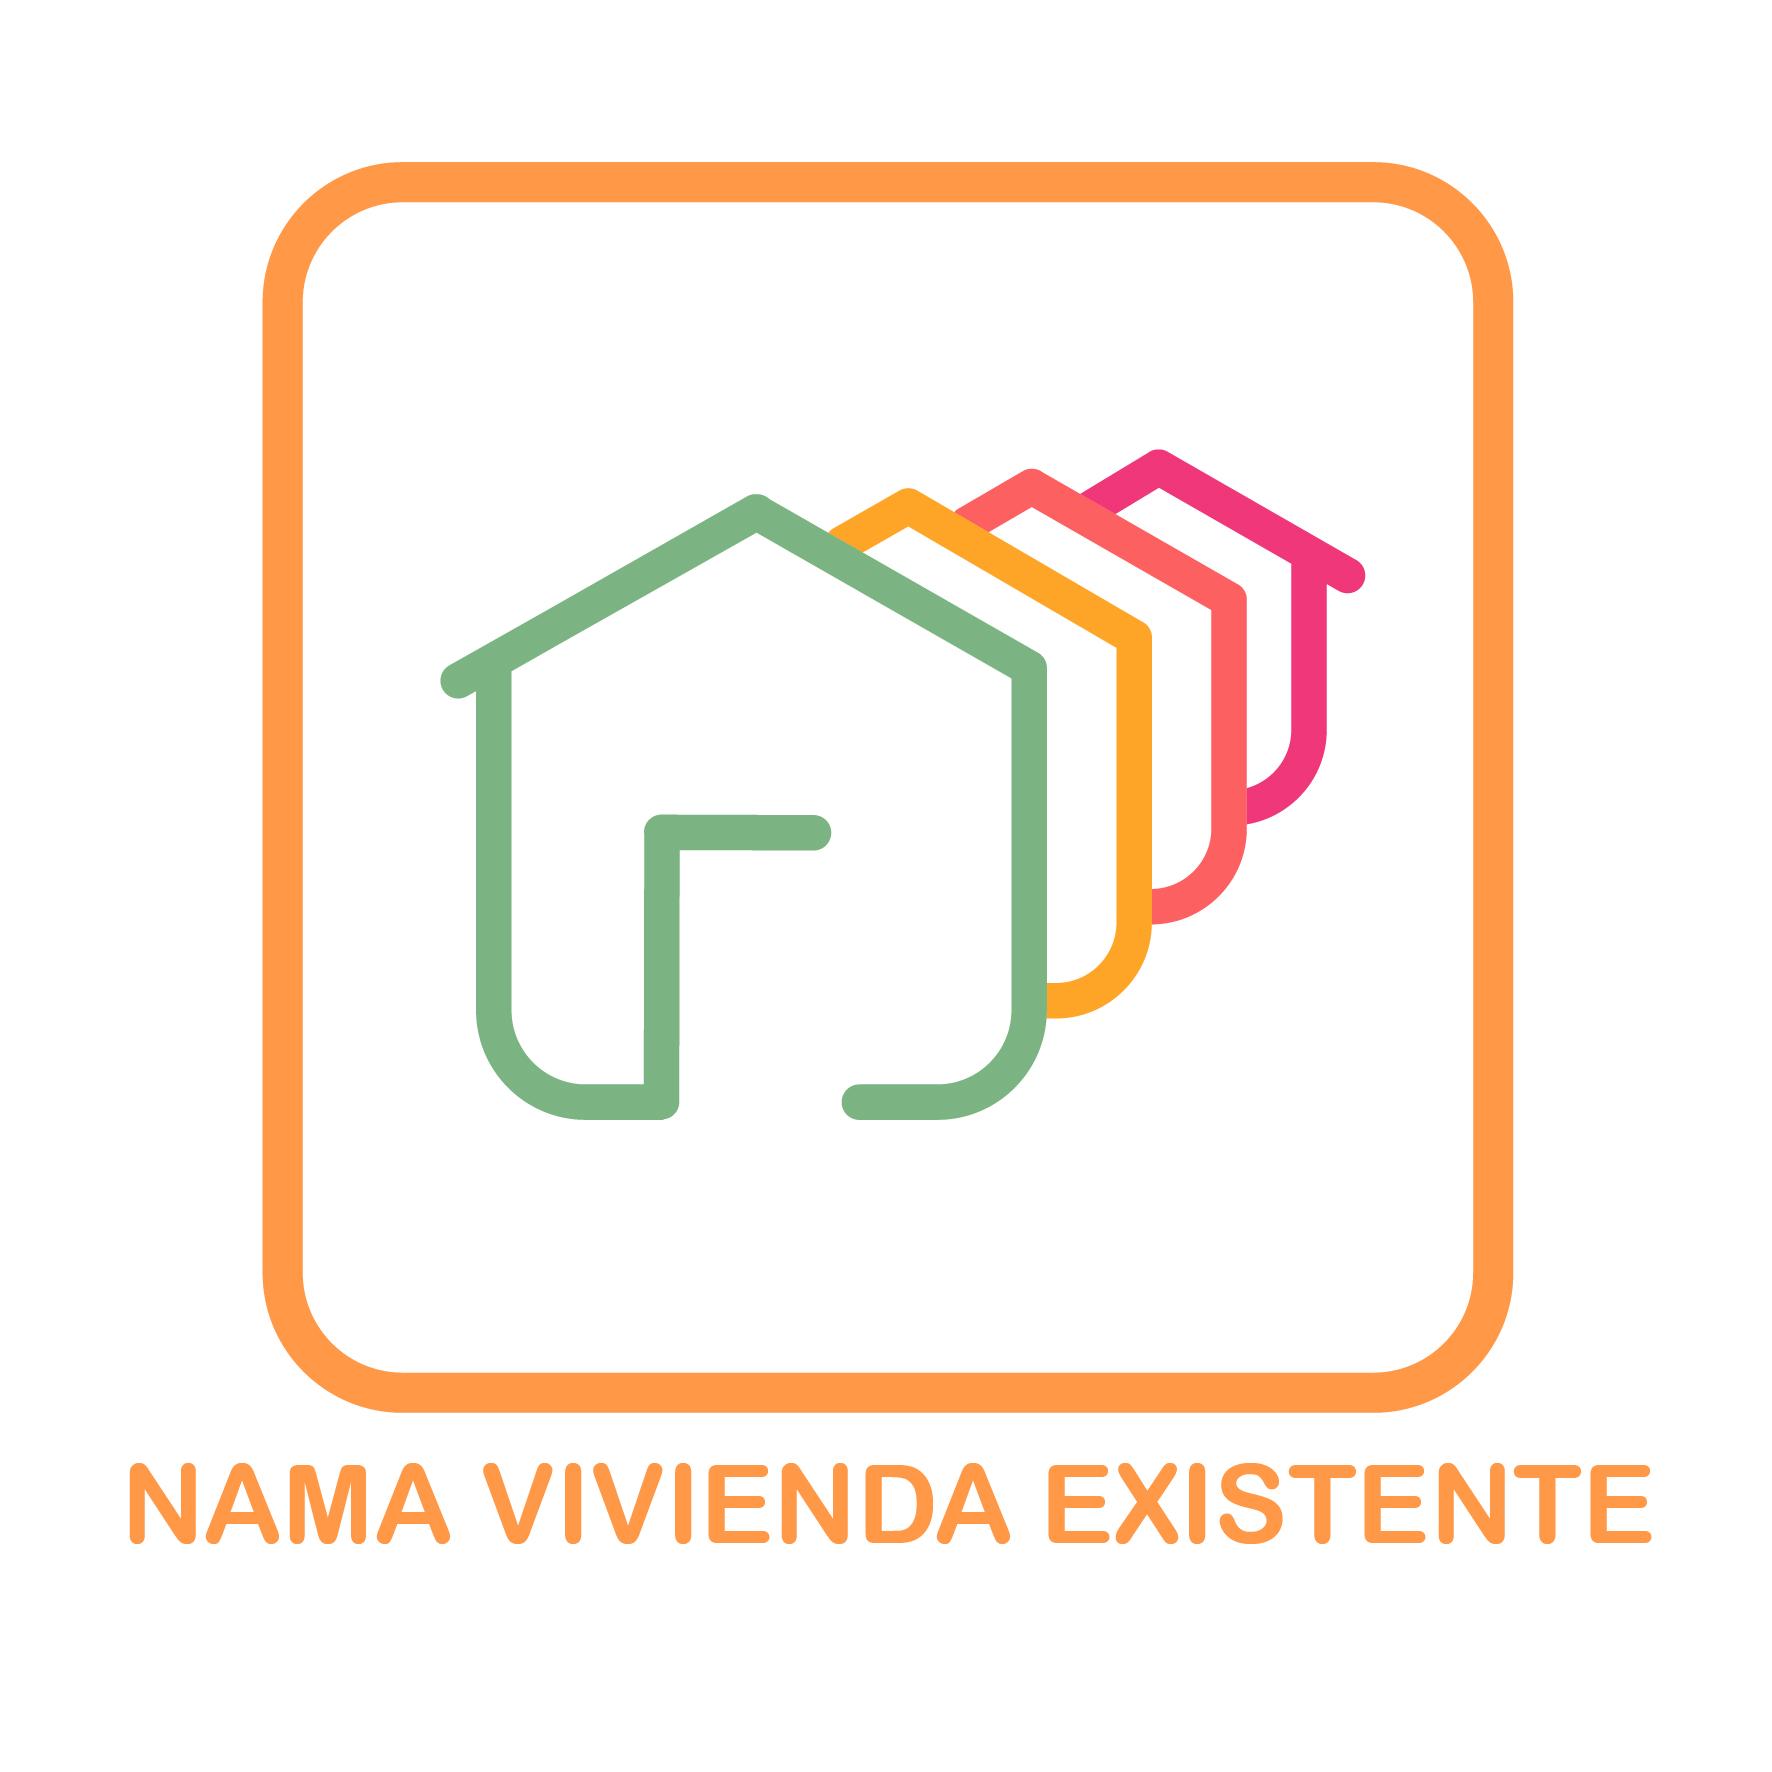 Icon of 02 NAMA Vivienda Existente